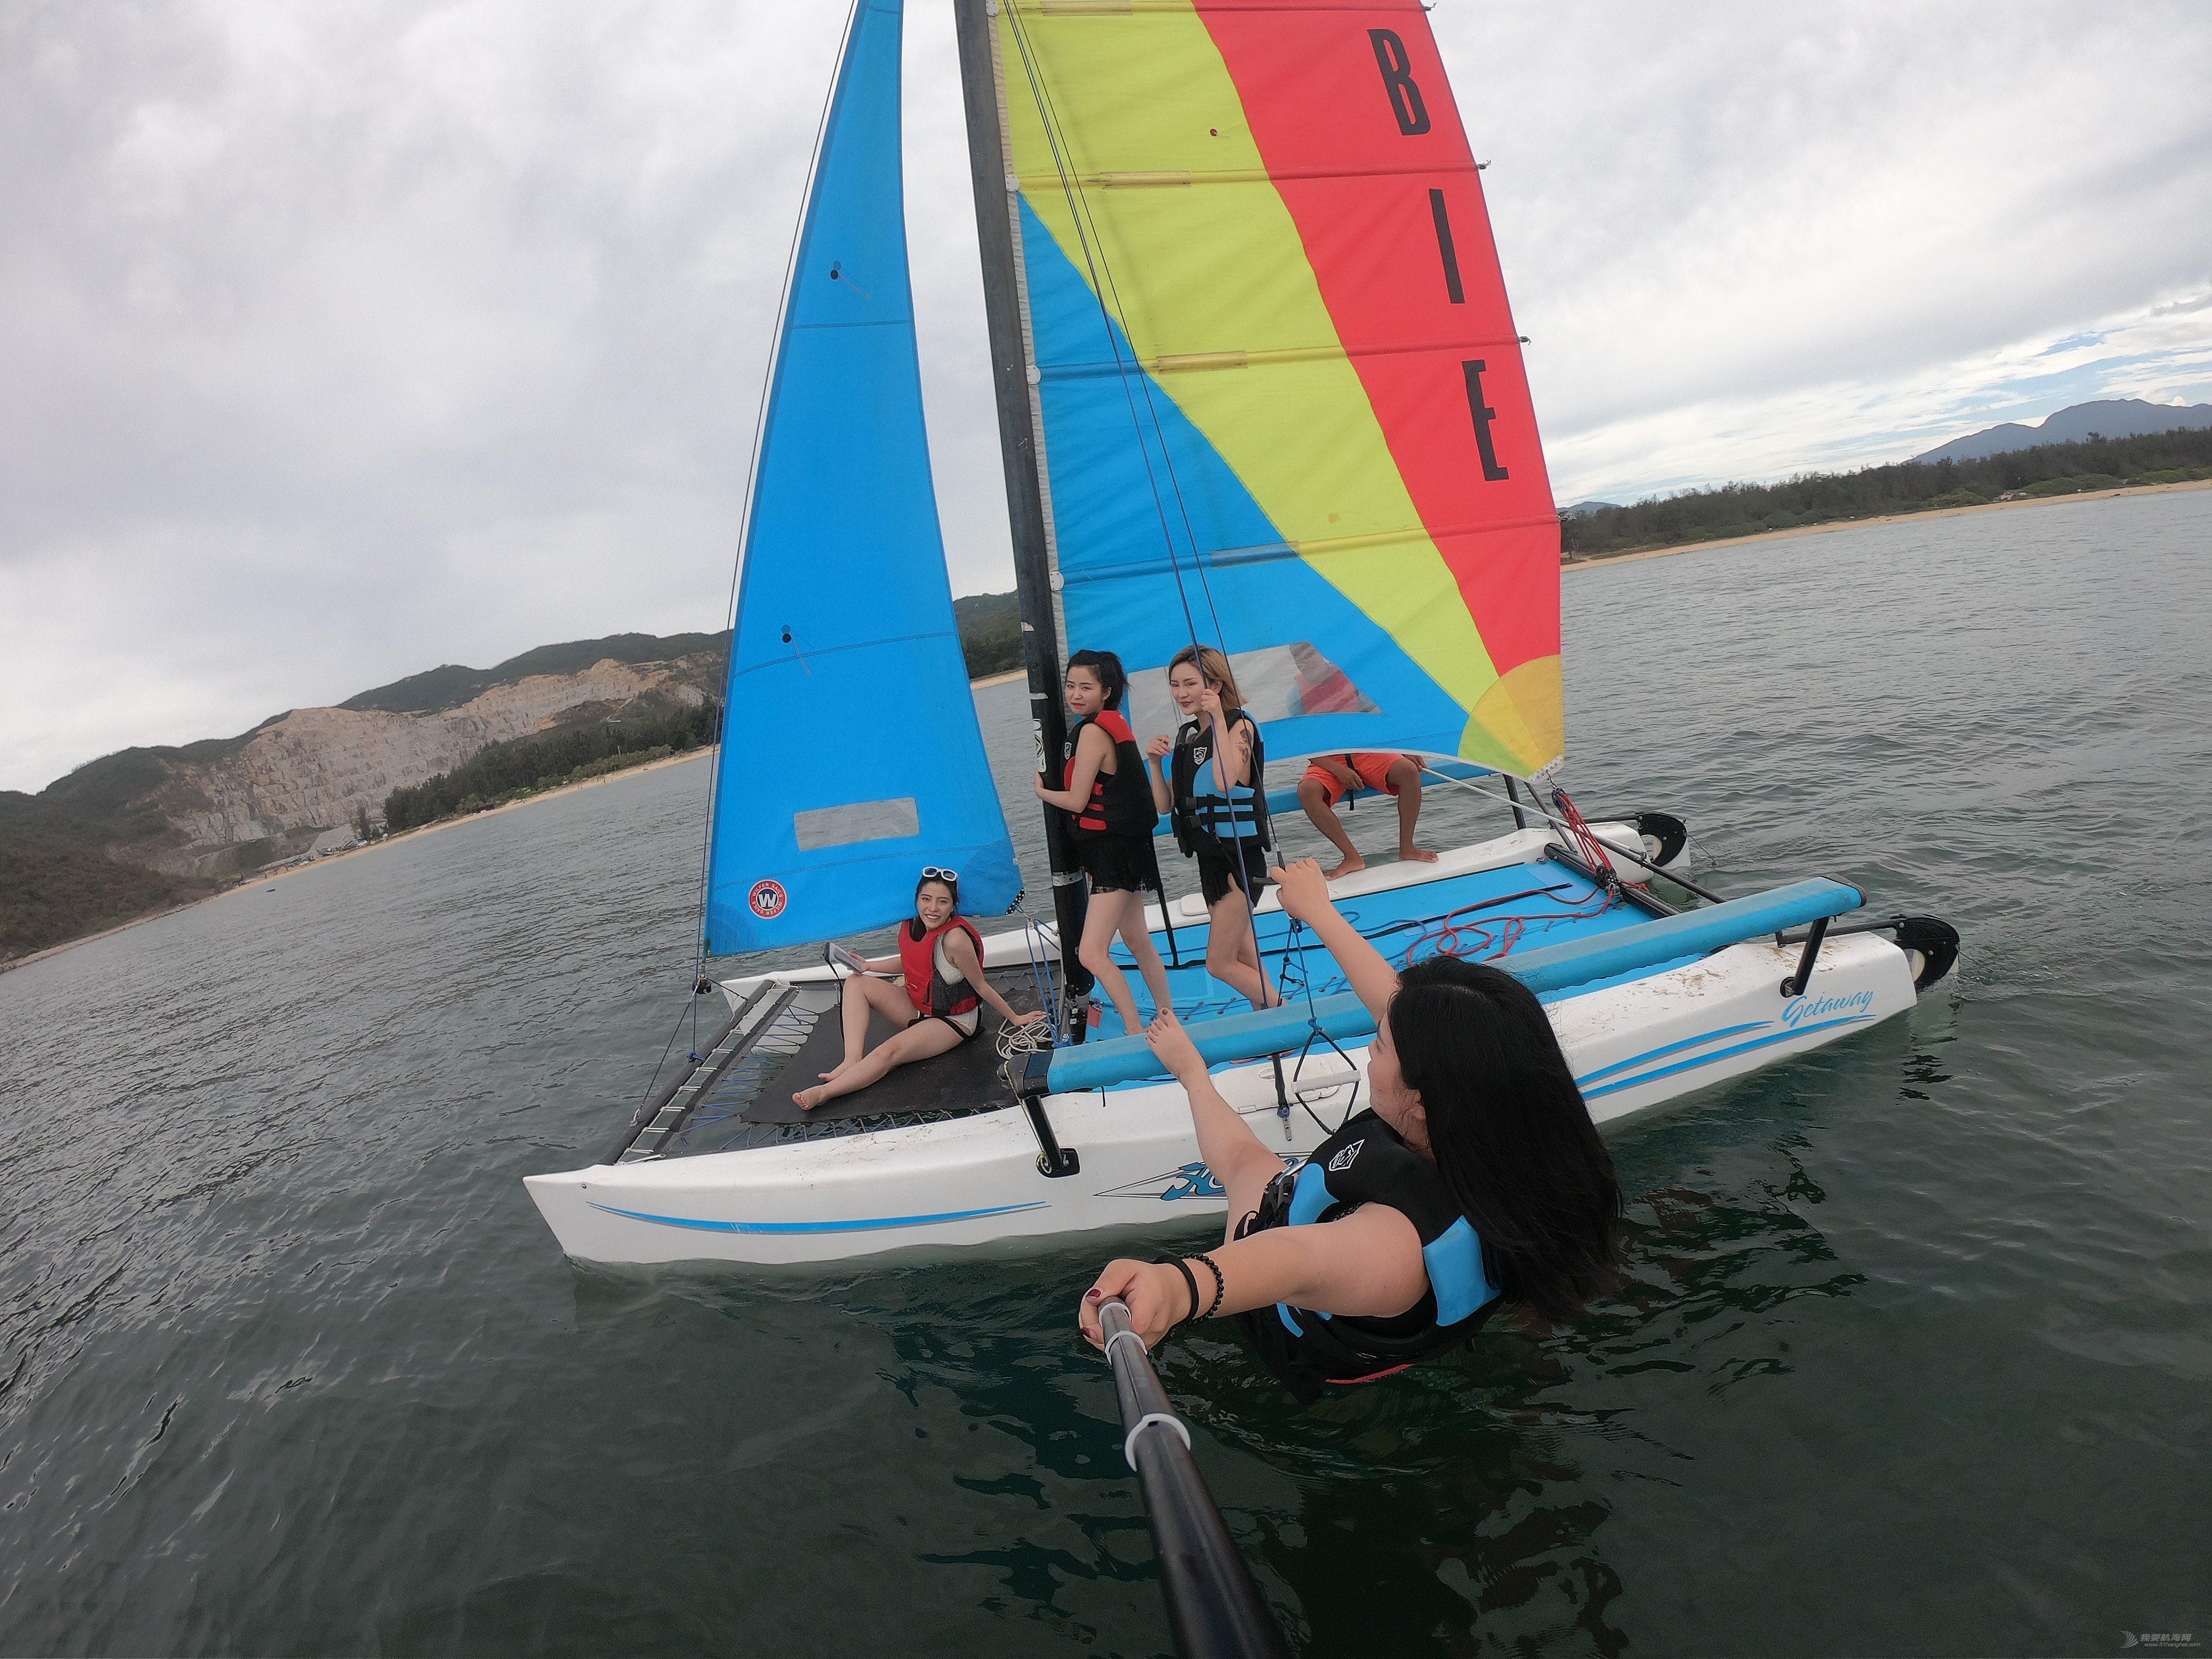 hobie帆船,hobiecat,家庭帆船赛 Hobie getaway出售,无动力双体船出售